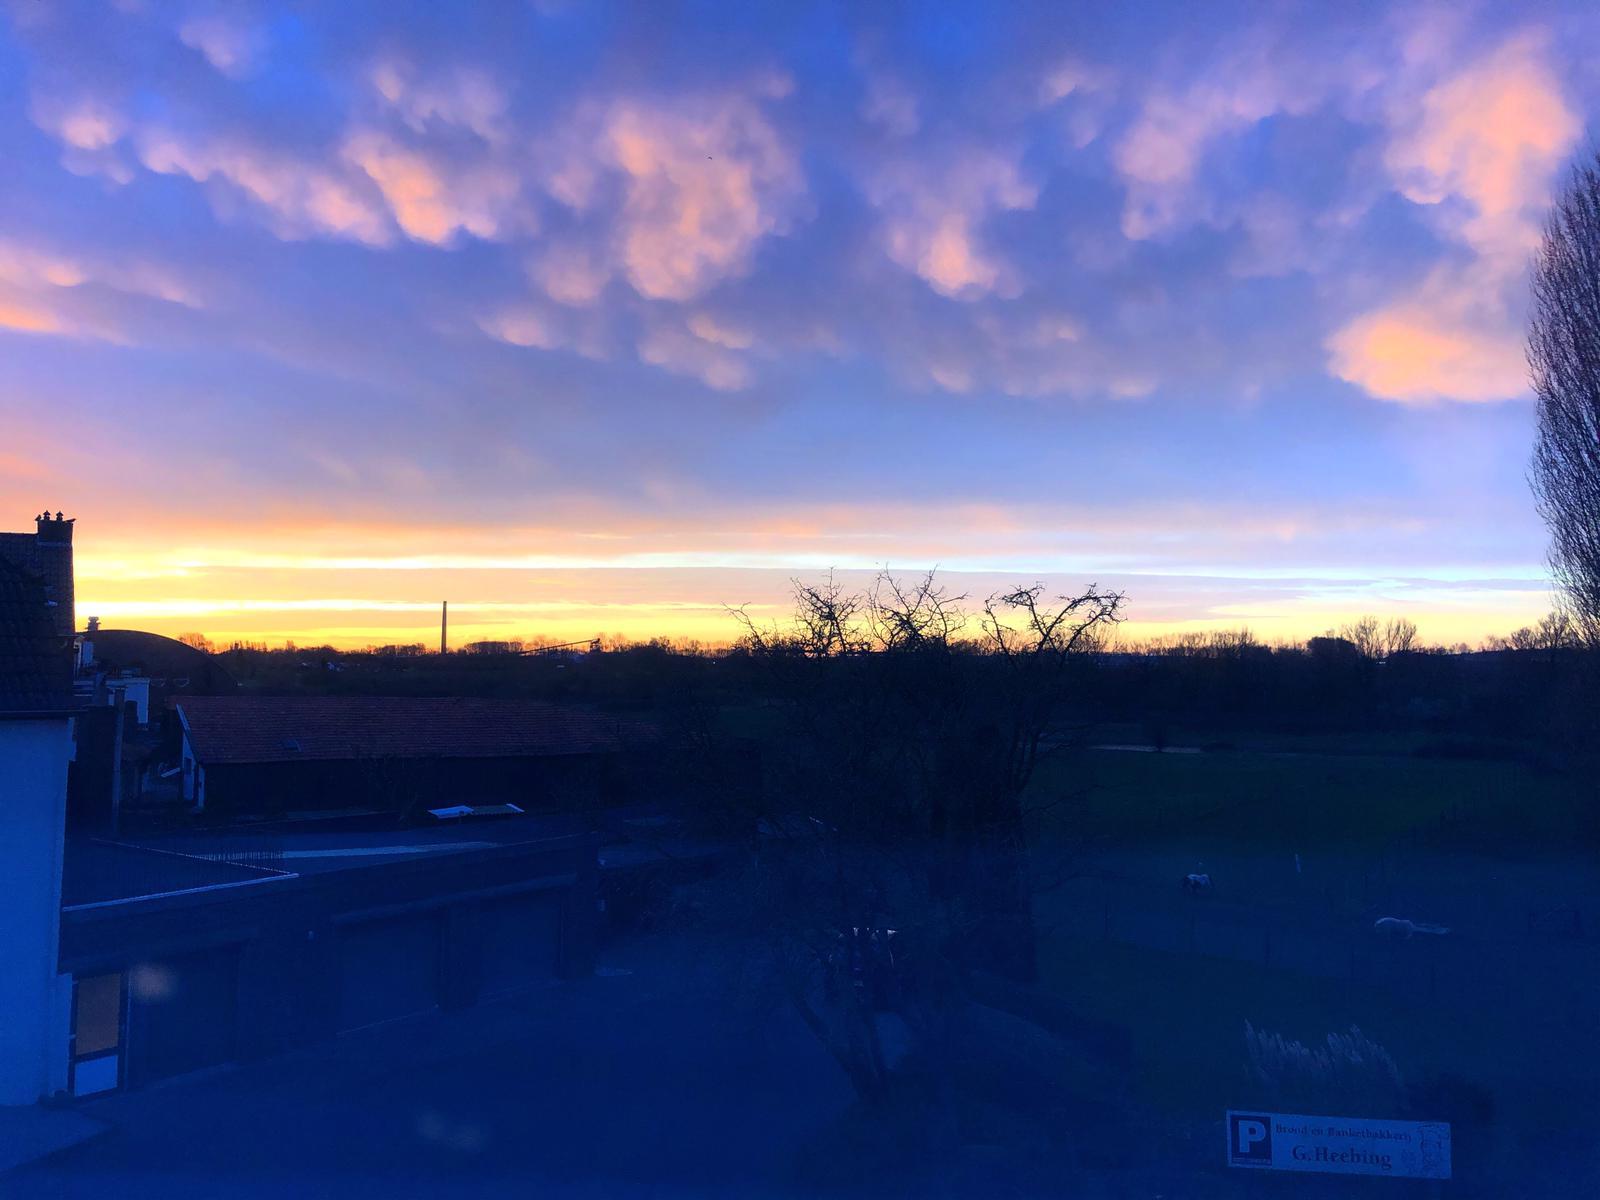 Mooie ochtendlucht